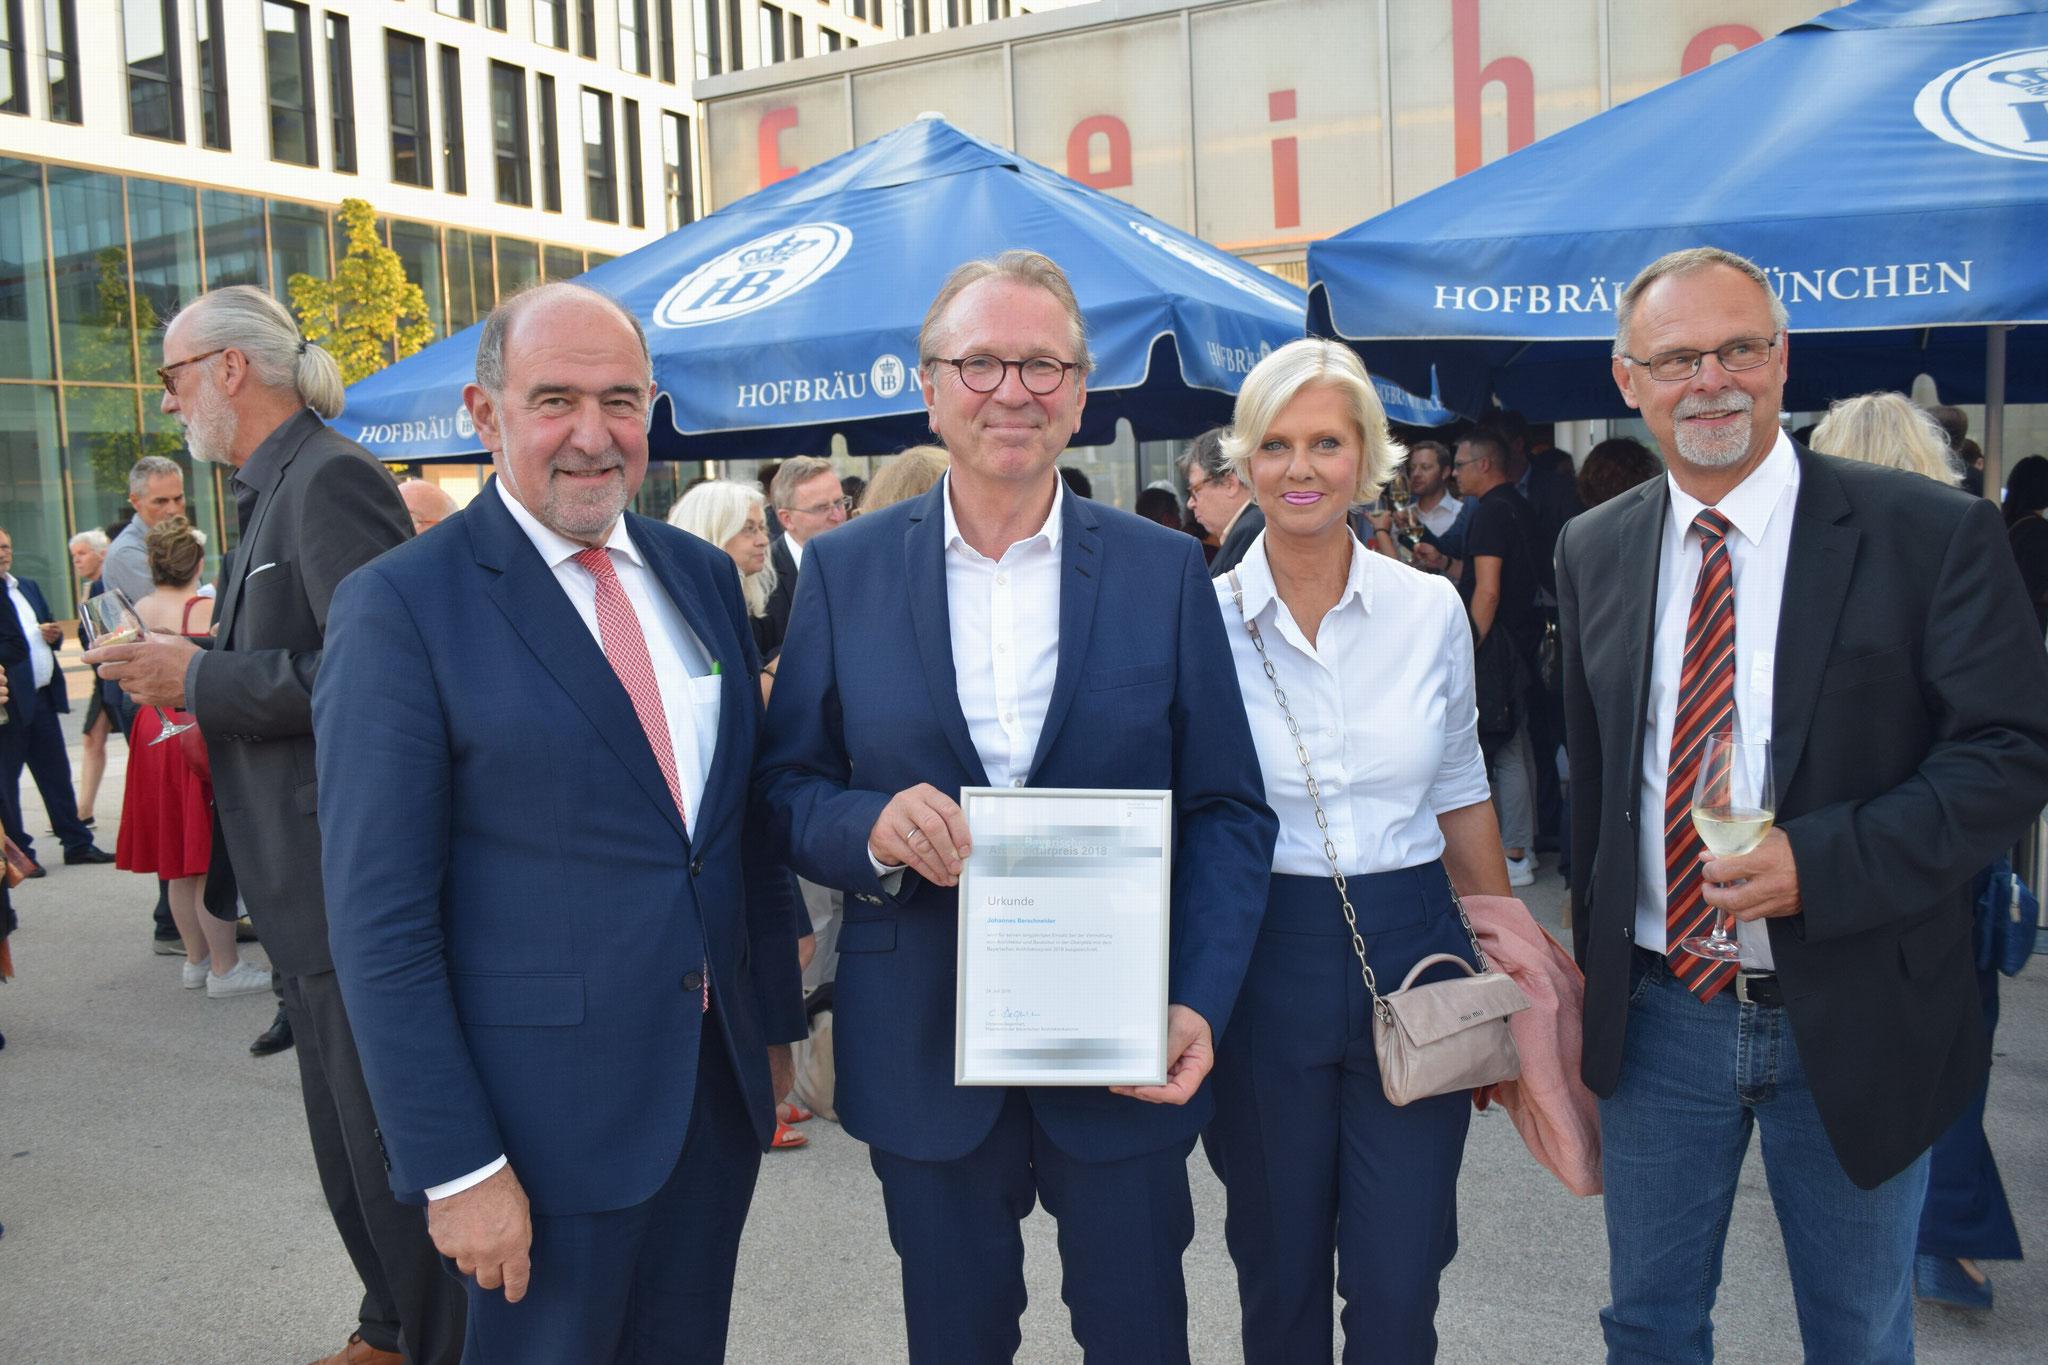 Foto: Schmid / Landrat Willibald Gailler, Johannes + Gudrun Berschneider, Bg, Wolf Pilsach